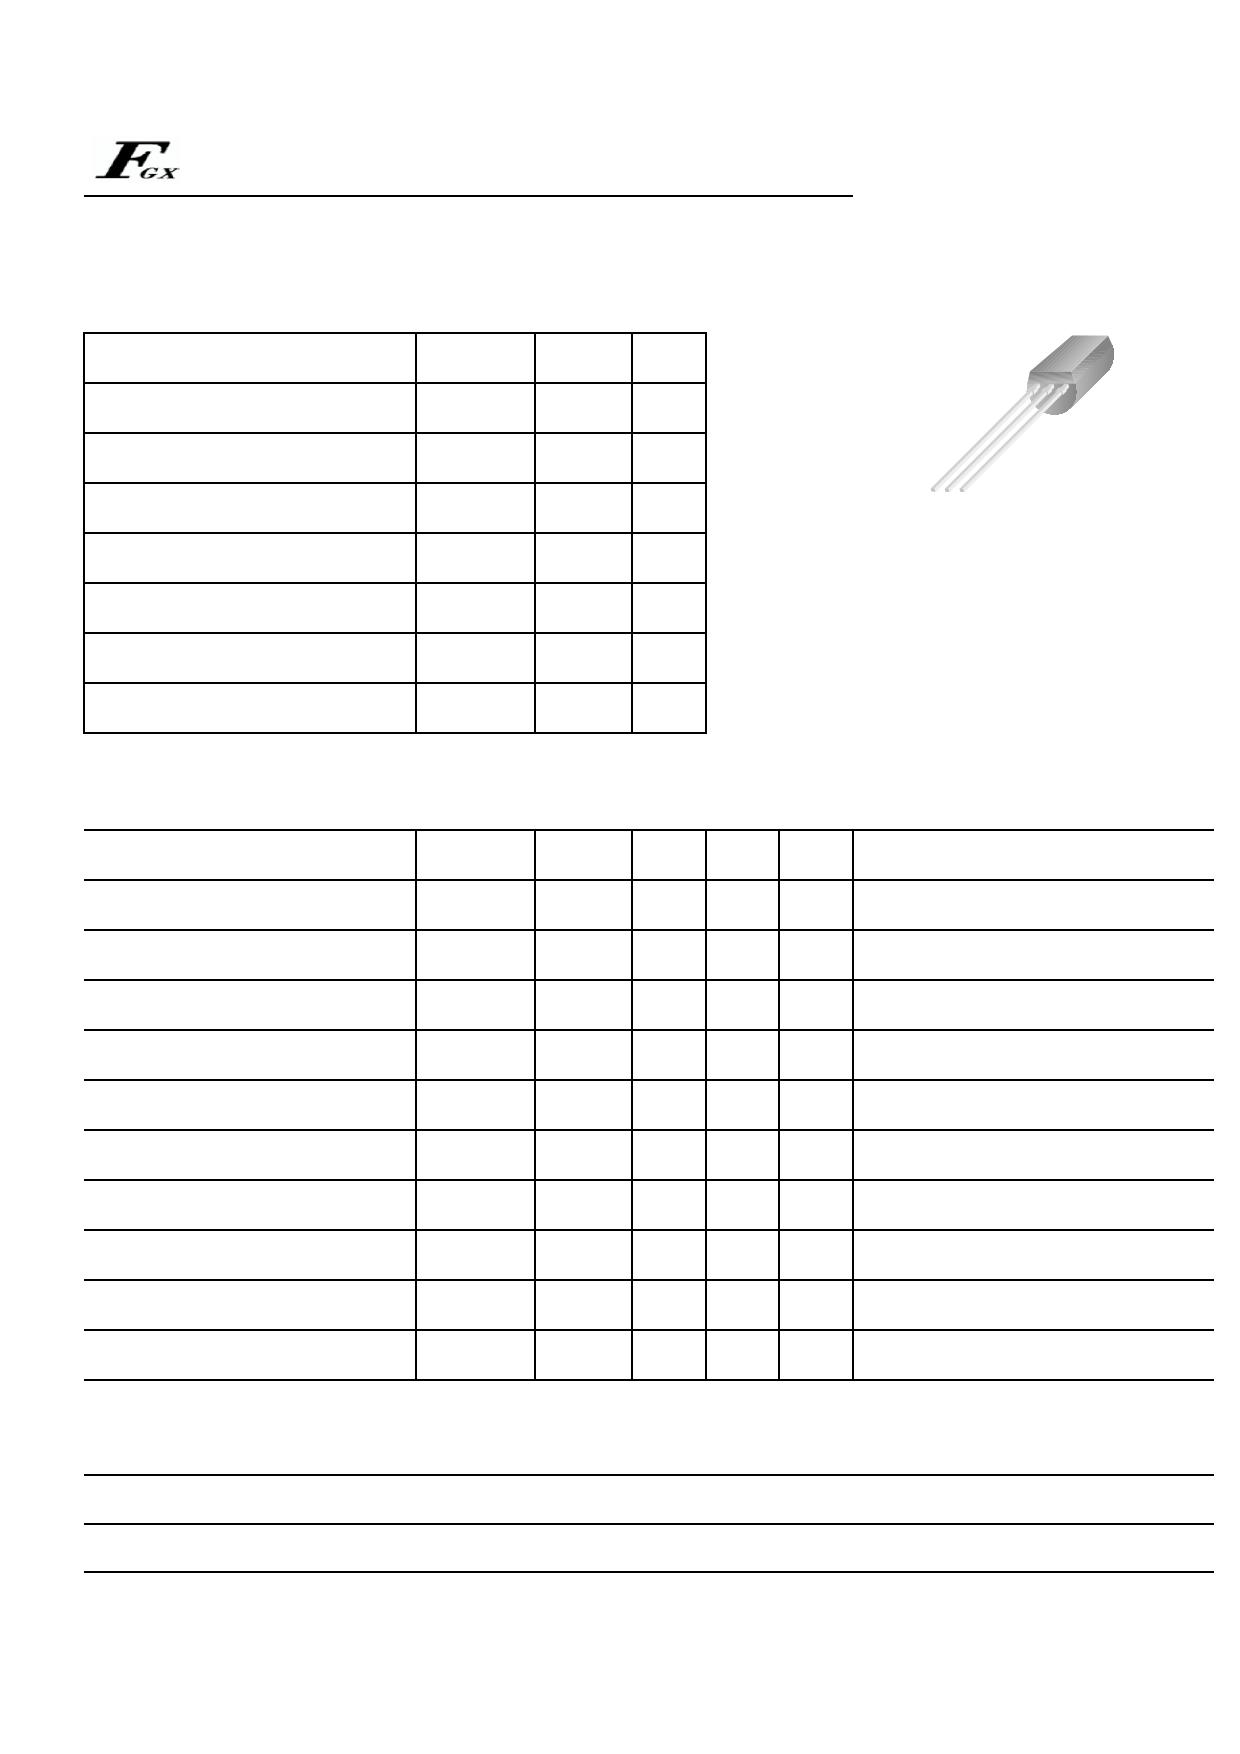 C3207 datasheet pdf image